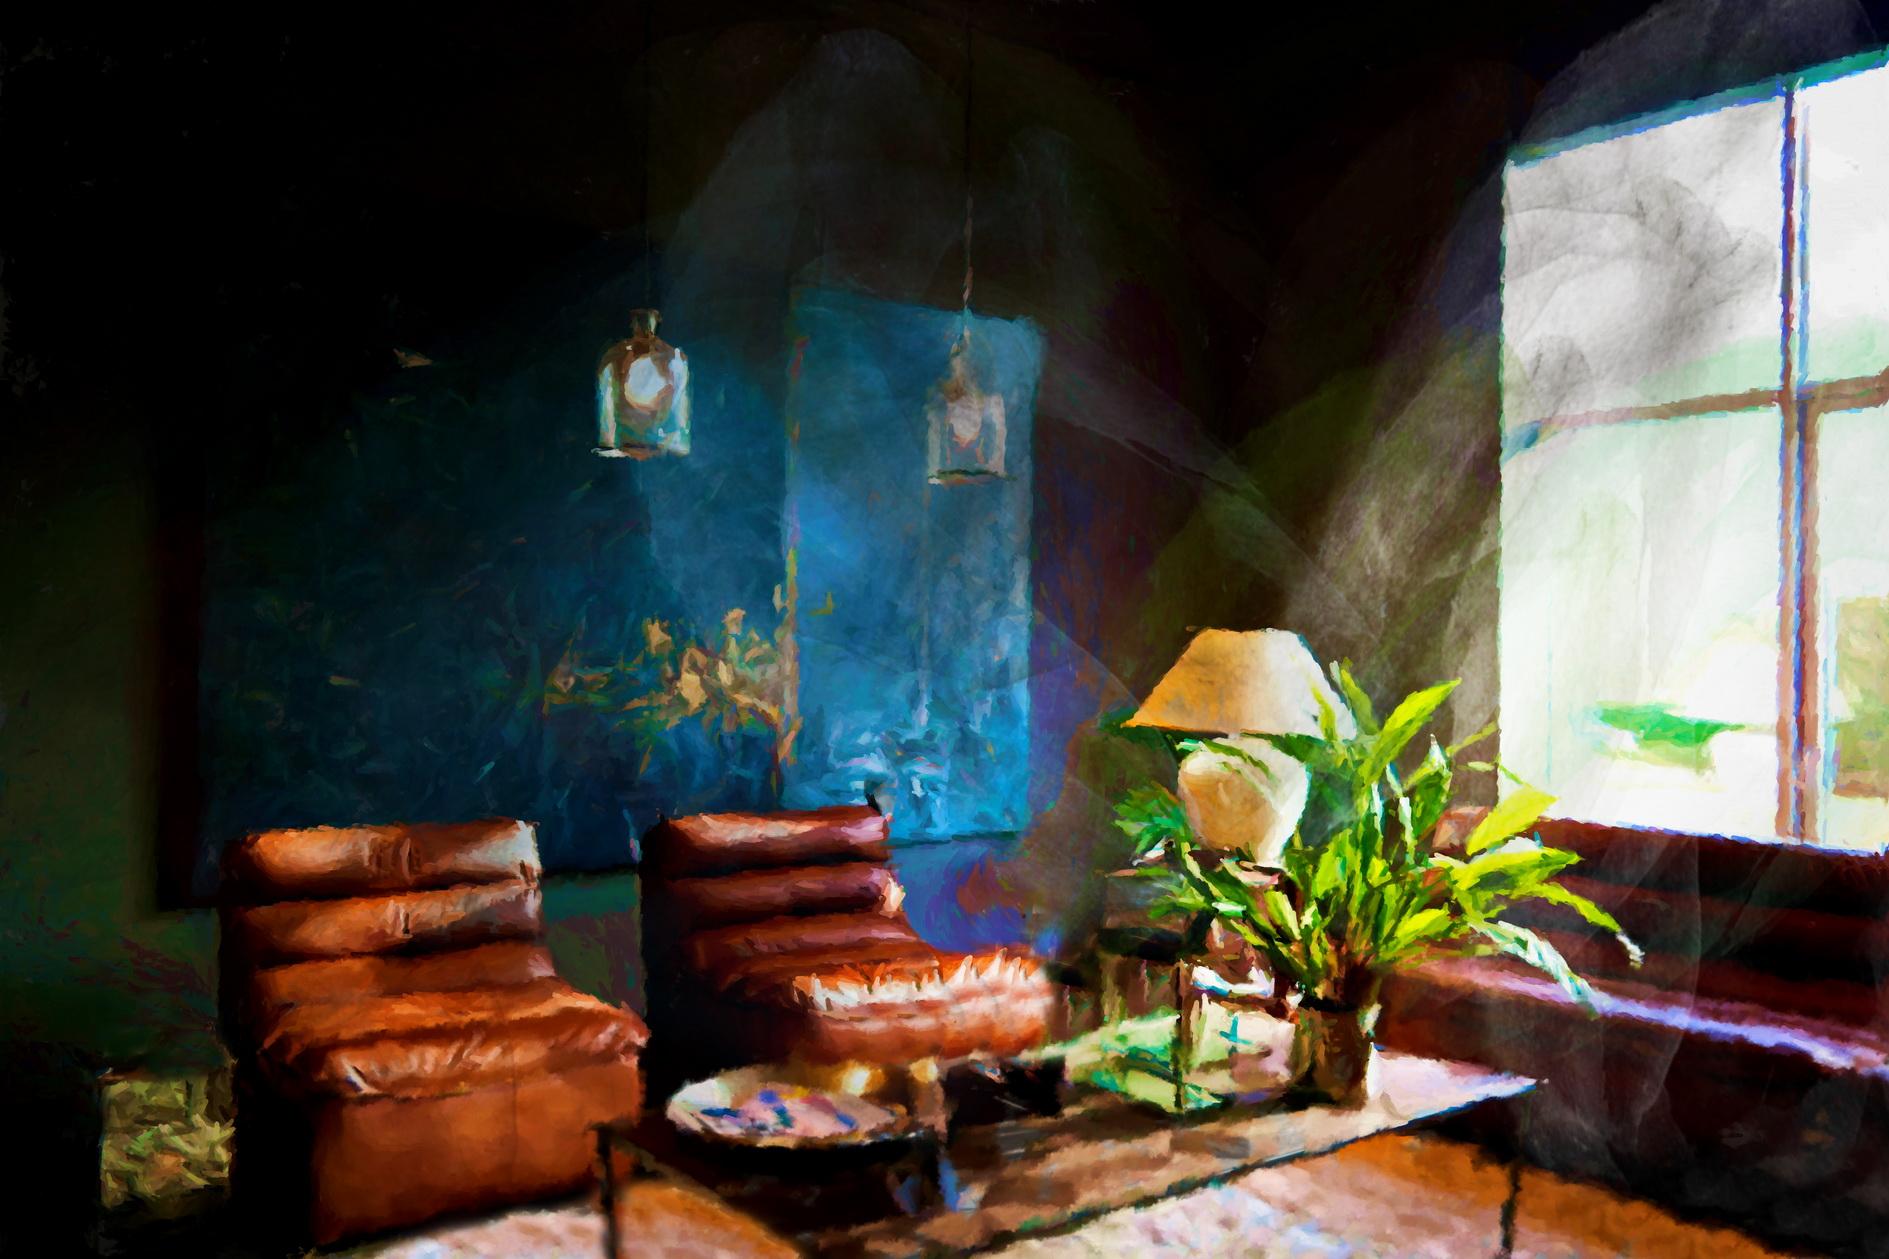 Tableau_de_salon_cuir_de_Flamant_Interiors,_créé_par_l'artiste_Laure_Van_De_Meele